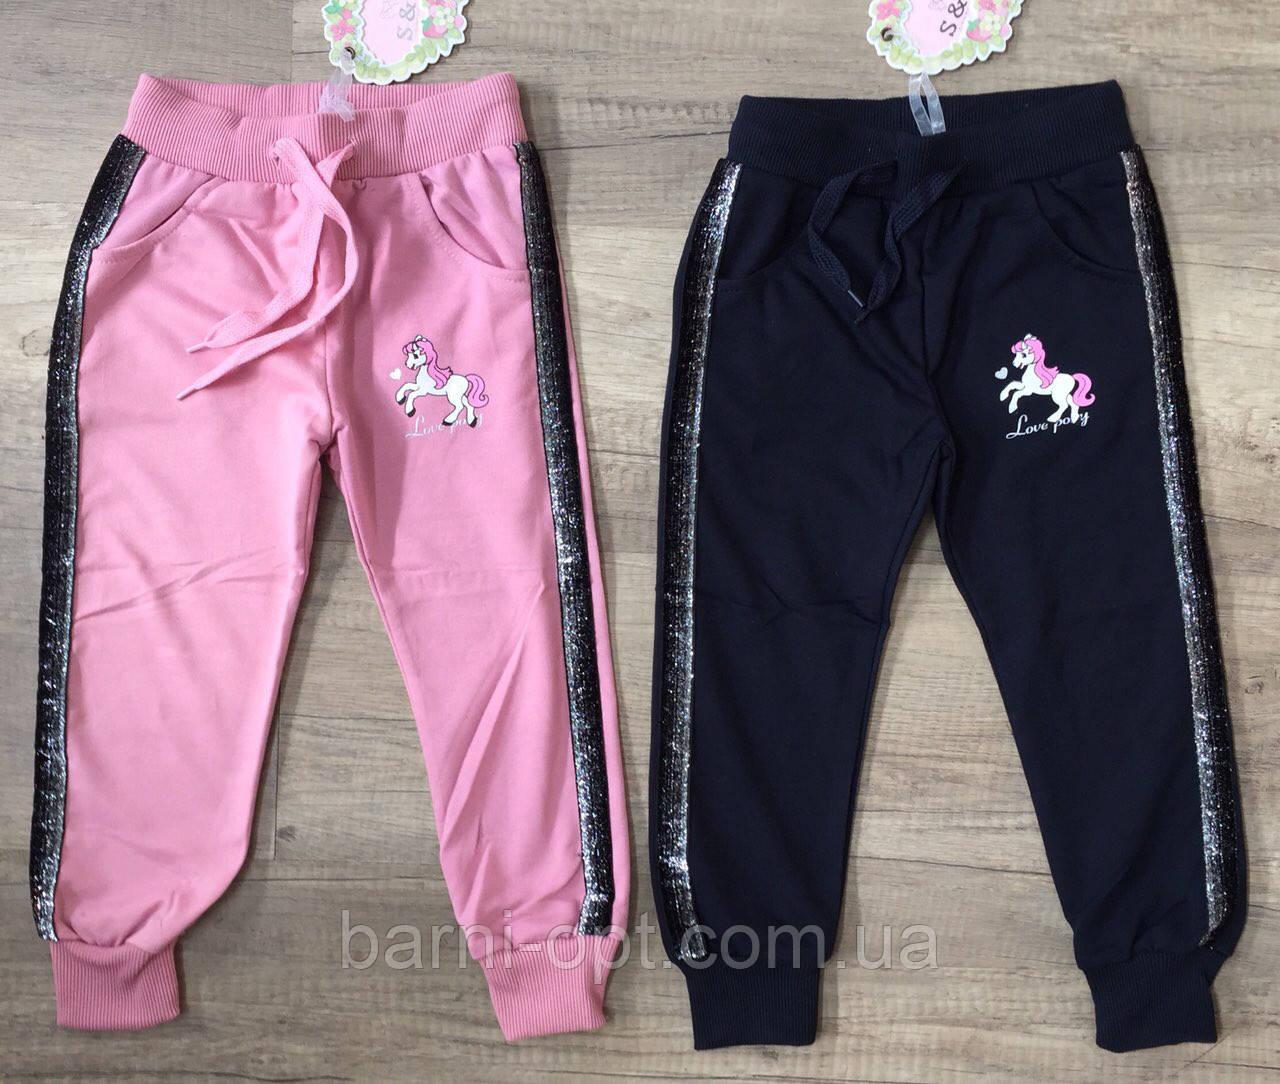 Спортивные брюки для девочек оптом, S&D, 98-128 рр